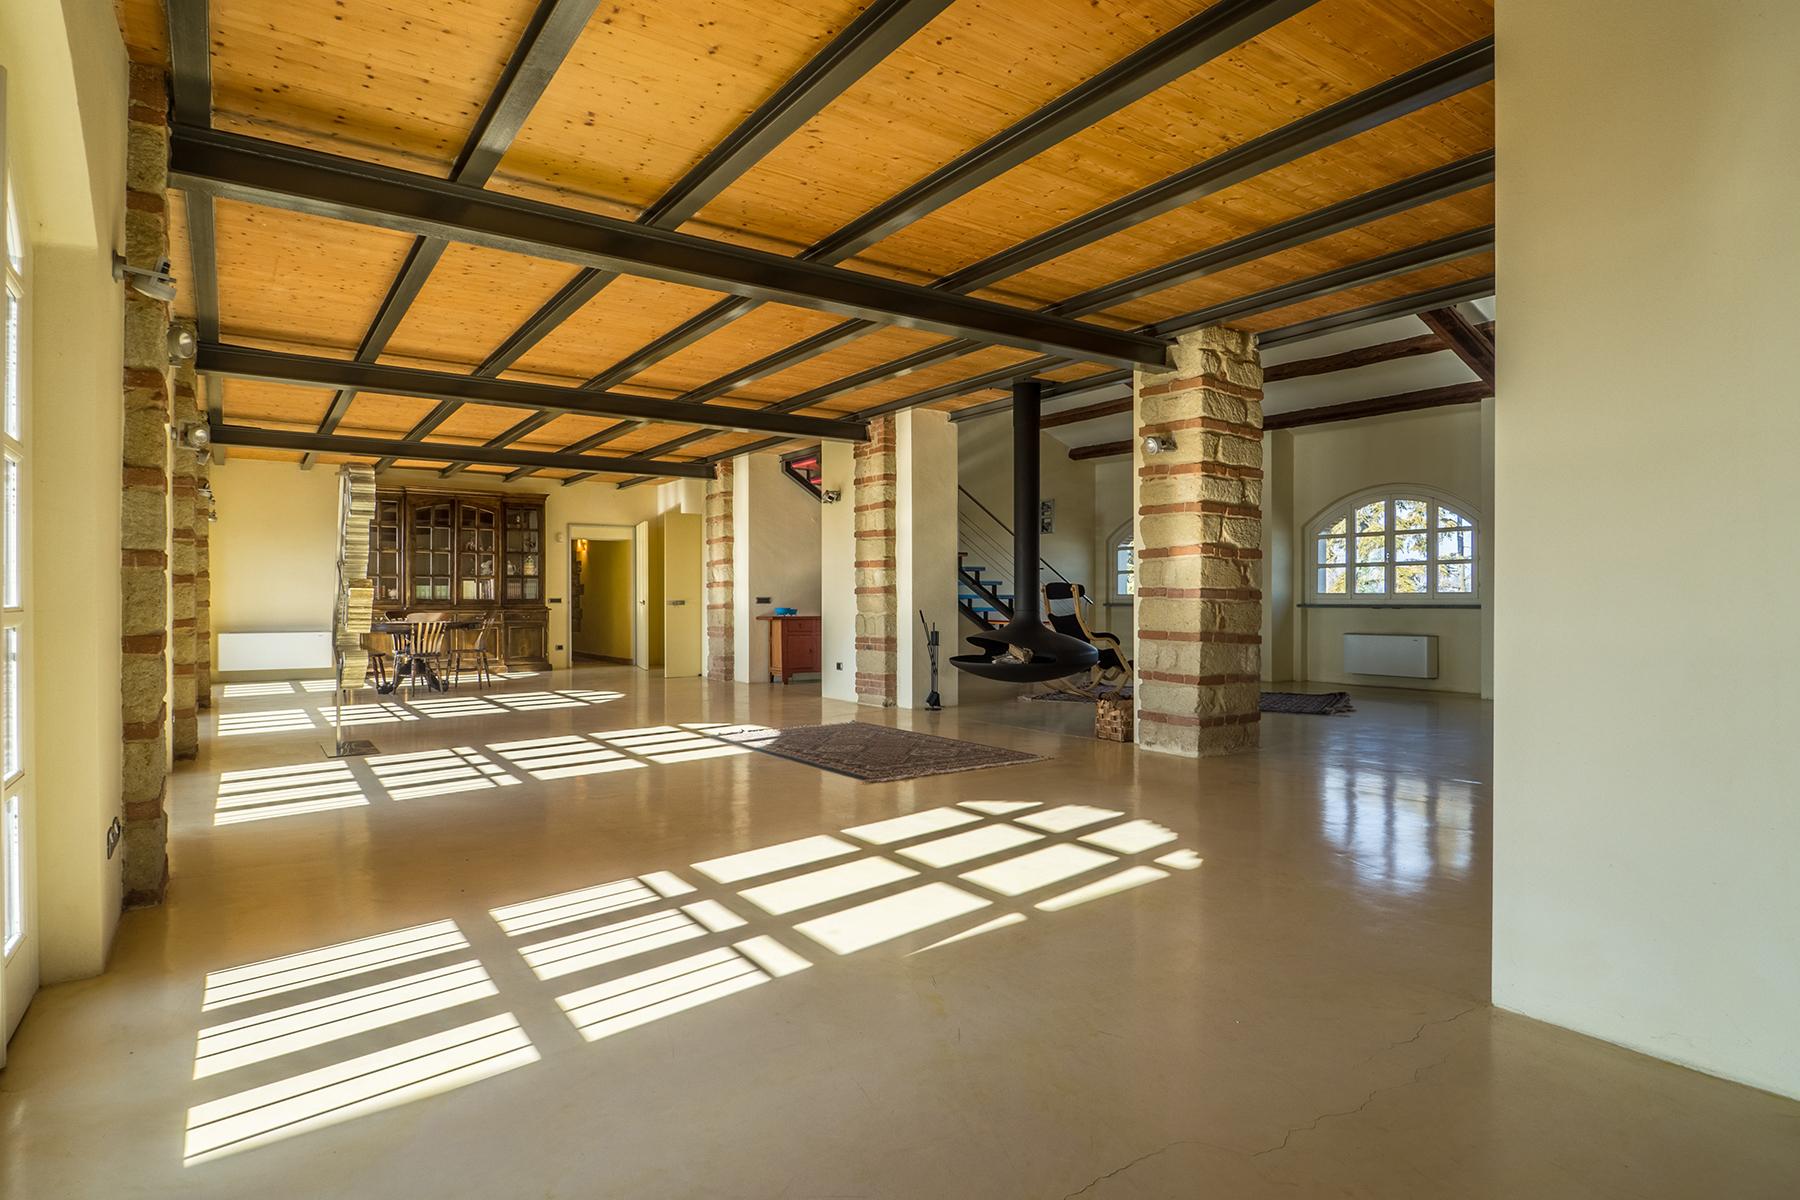 Rustico in Vendita a Vignale Monferrato: 5 locali, 1400 mq - Foto 11